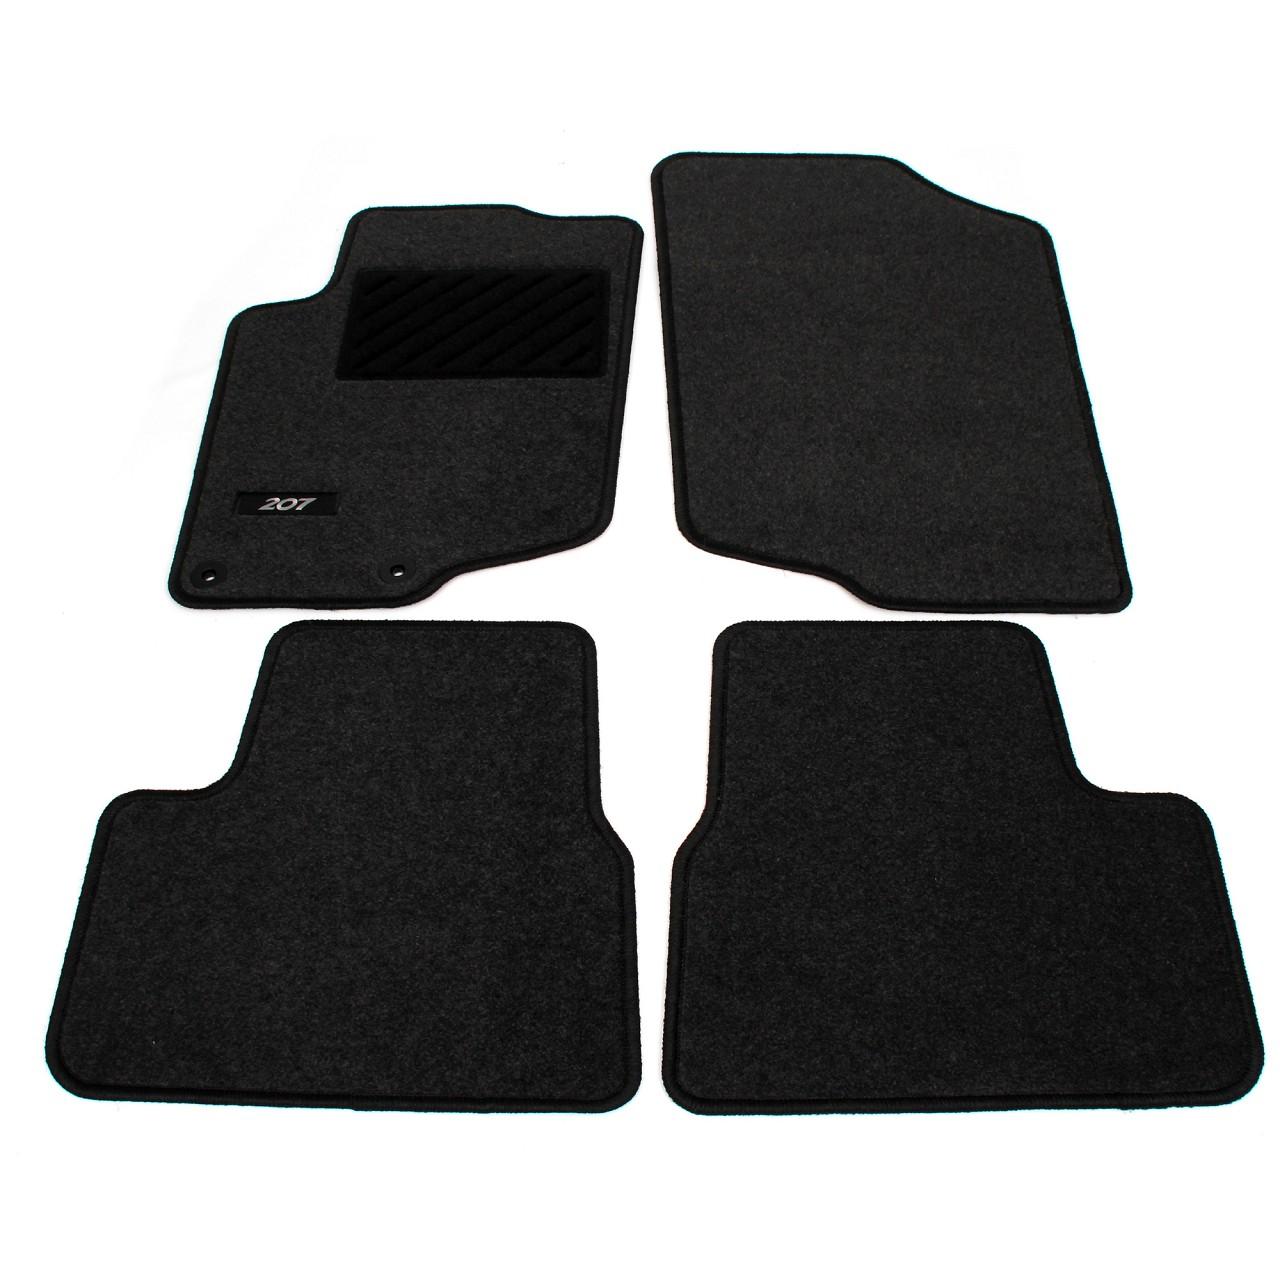 ORIGINAL Peugeot Textilmatten Fußmatten Automatten Satz 207 / SW 4-tlg 9664.VG